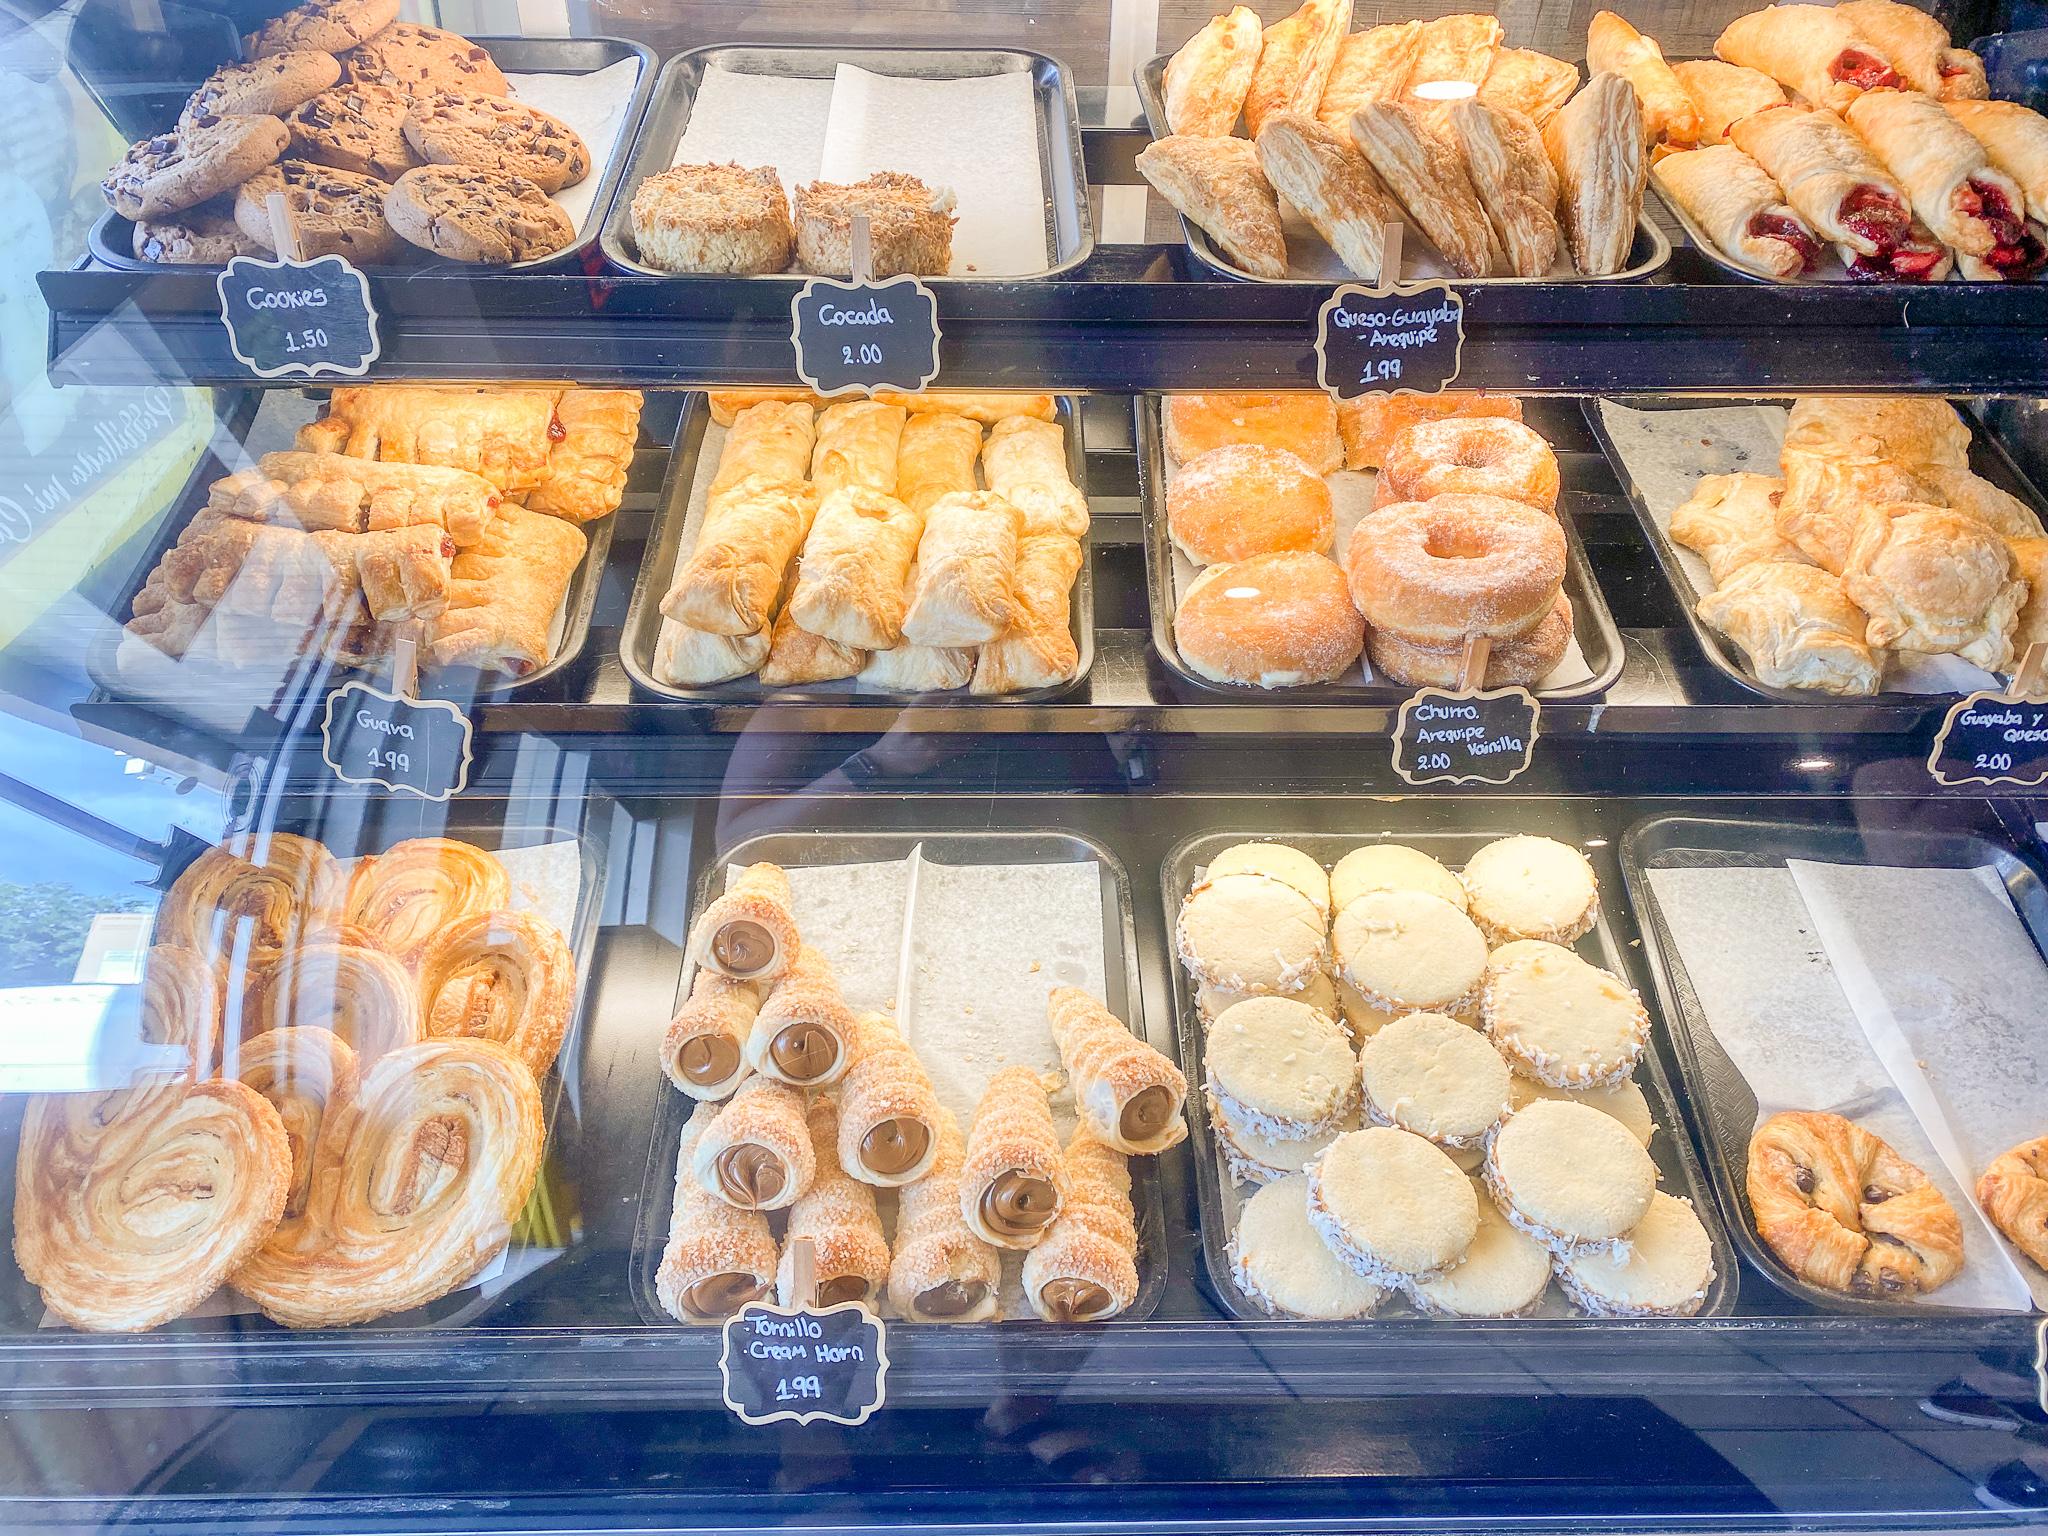 Mi Carreta Bakery Case 1